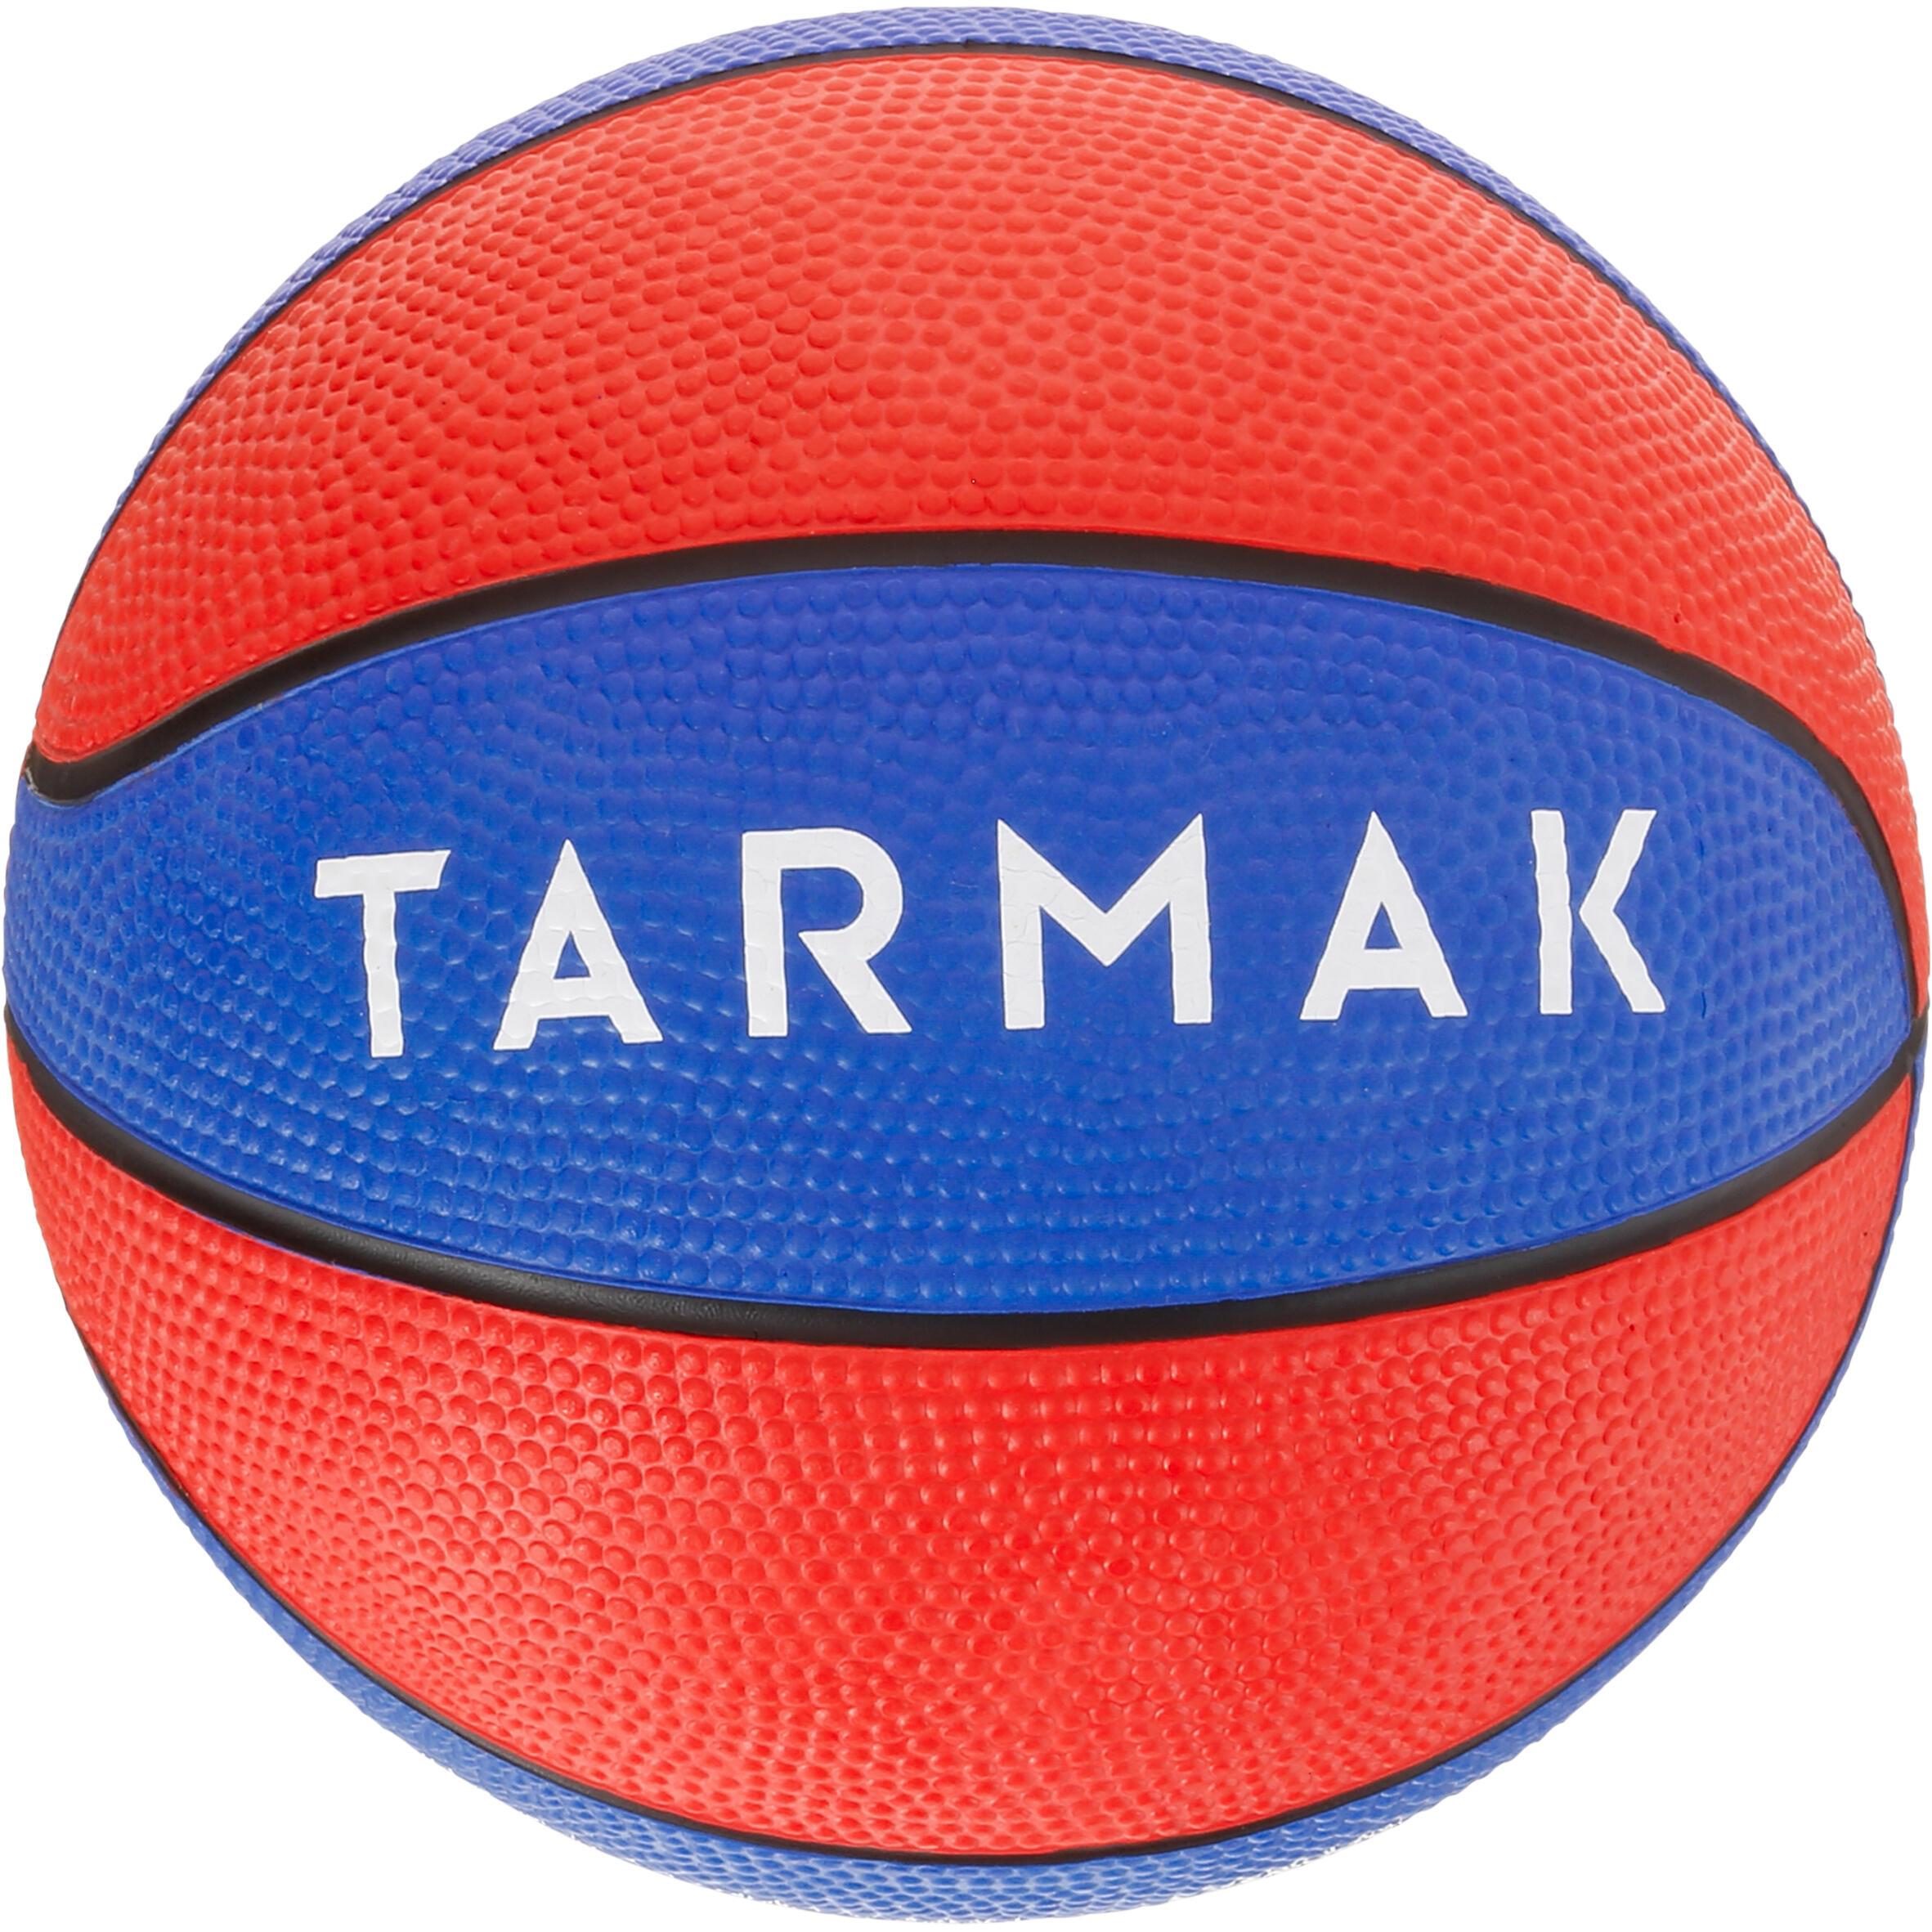 Mini-Basketball Kinder Mini B Größe 1. Für Kinder bis 4 Jahren.